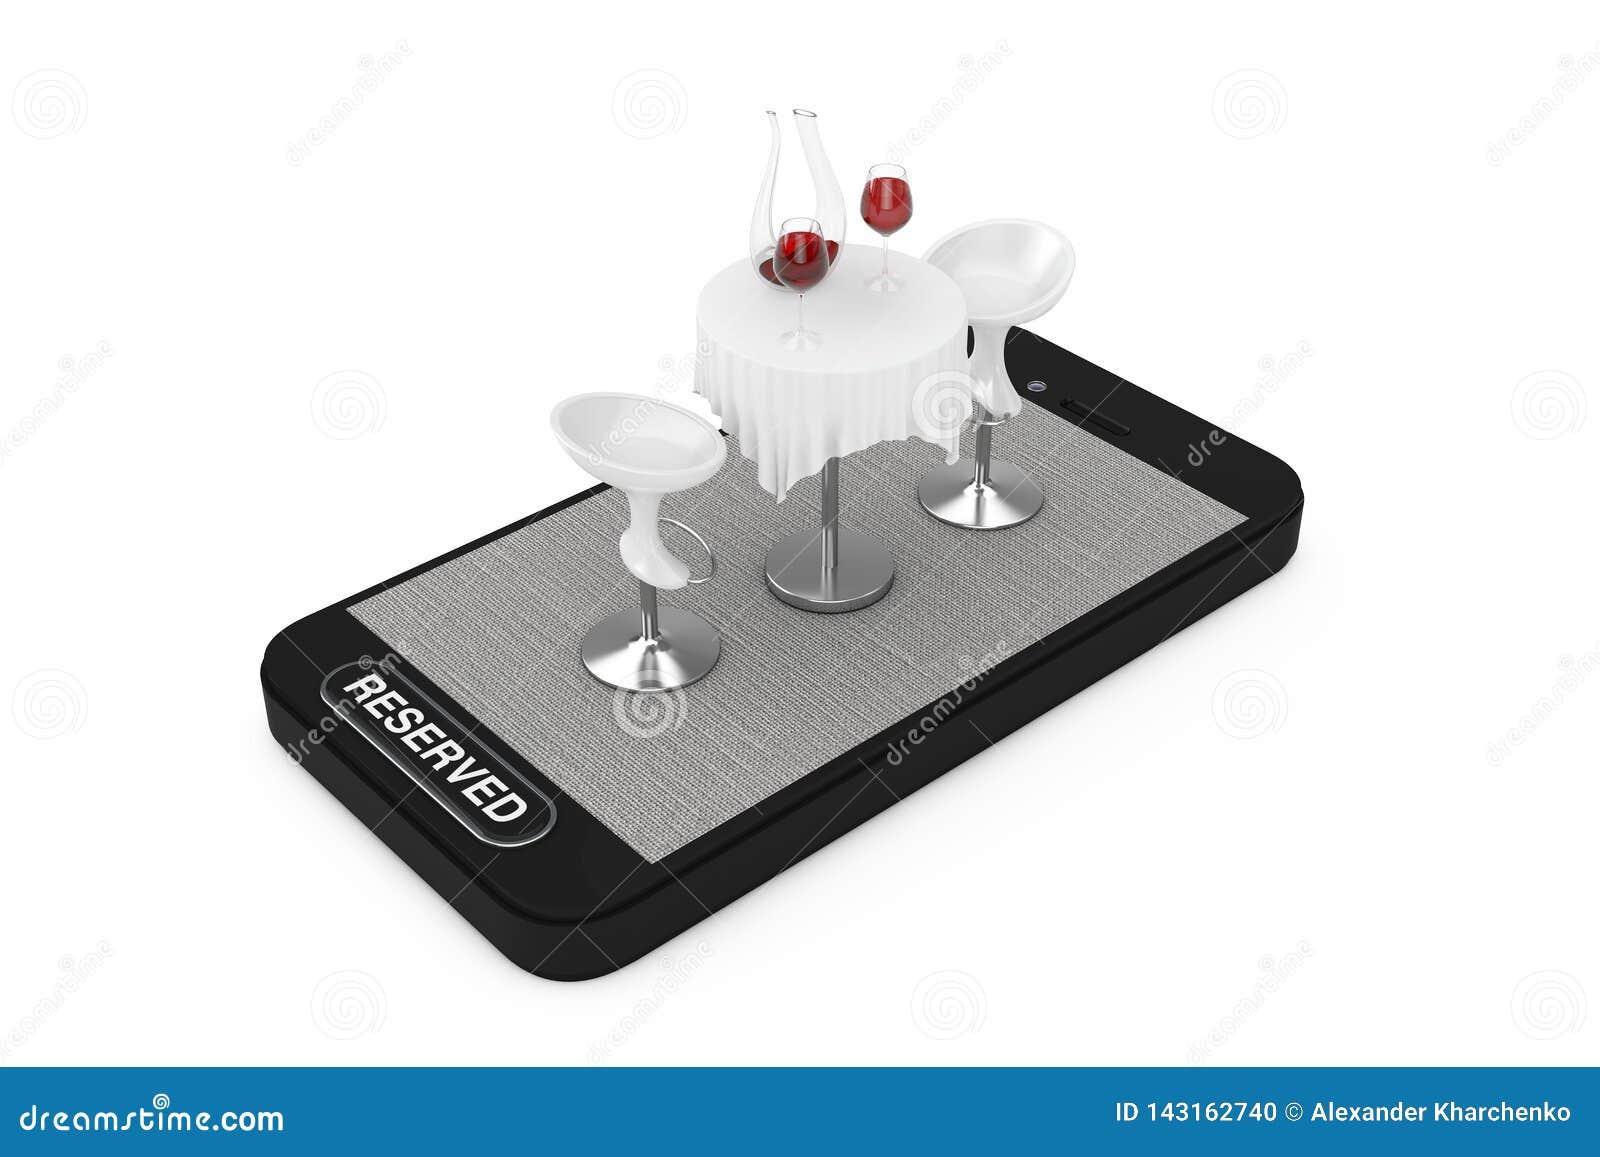 Restaurant Tabelle Und Sthle Mit Rotwein Auf Smartphone Handy Und Reserviertem Knopf Wiedergabe ...